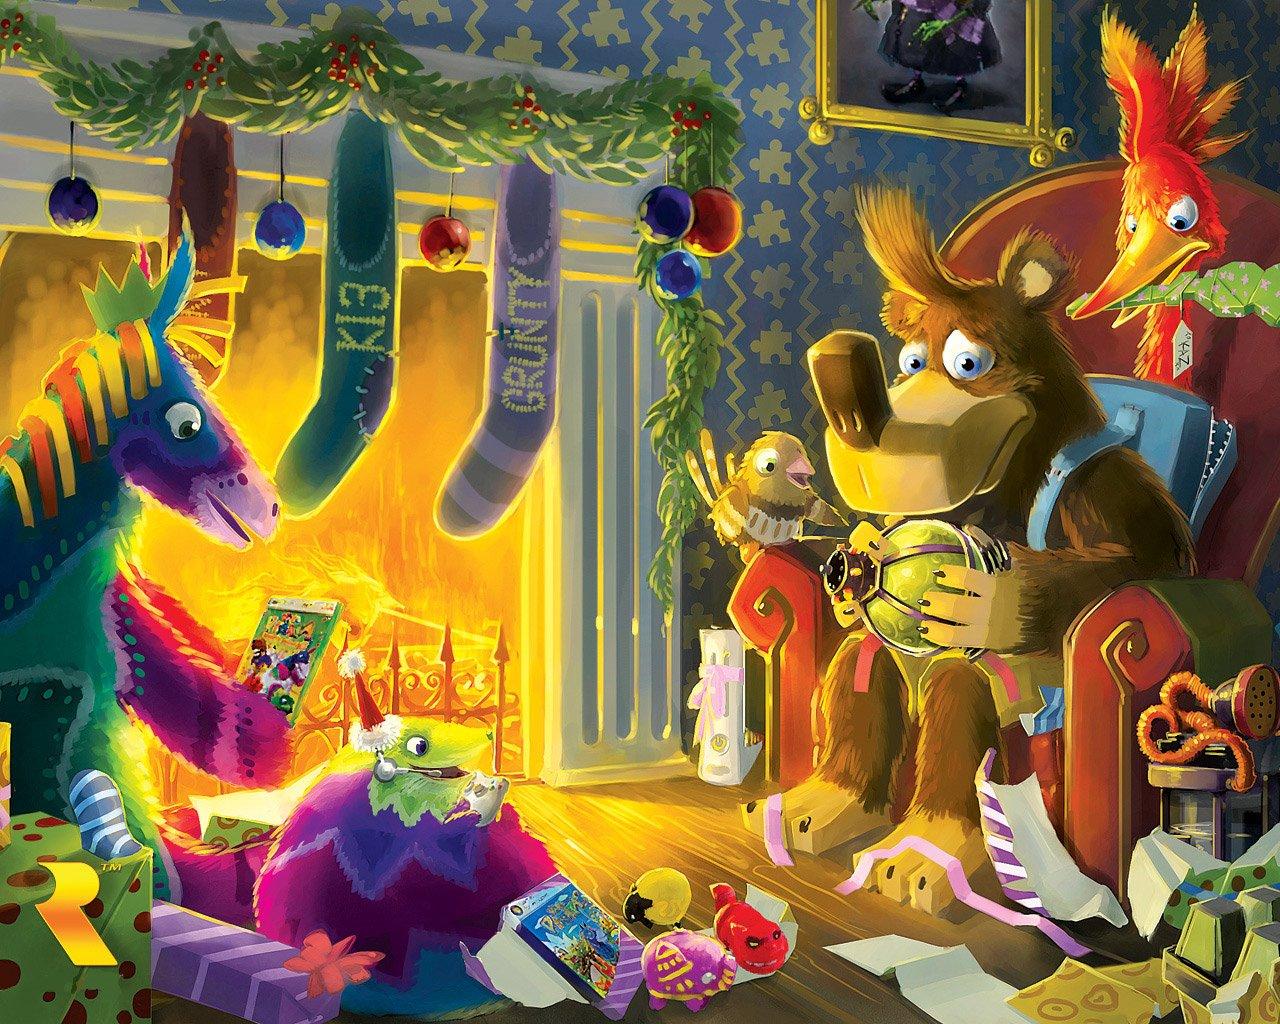 http://4.bp.blogspot.com/_3_2FCxXqZPQ/SRU-Xz2VMGI/AAAAAAAAEXA/cm2TgUsuz2w/s1600/Free-Christmas-Wallpapers.jpg